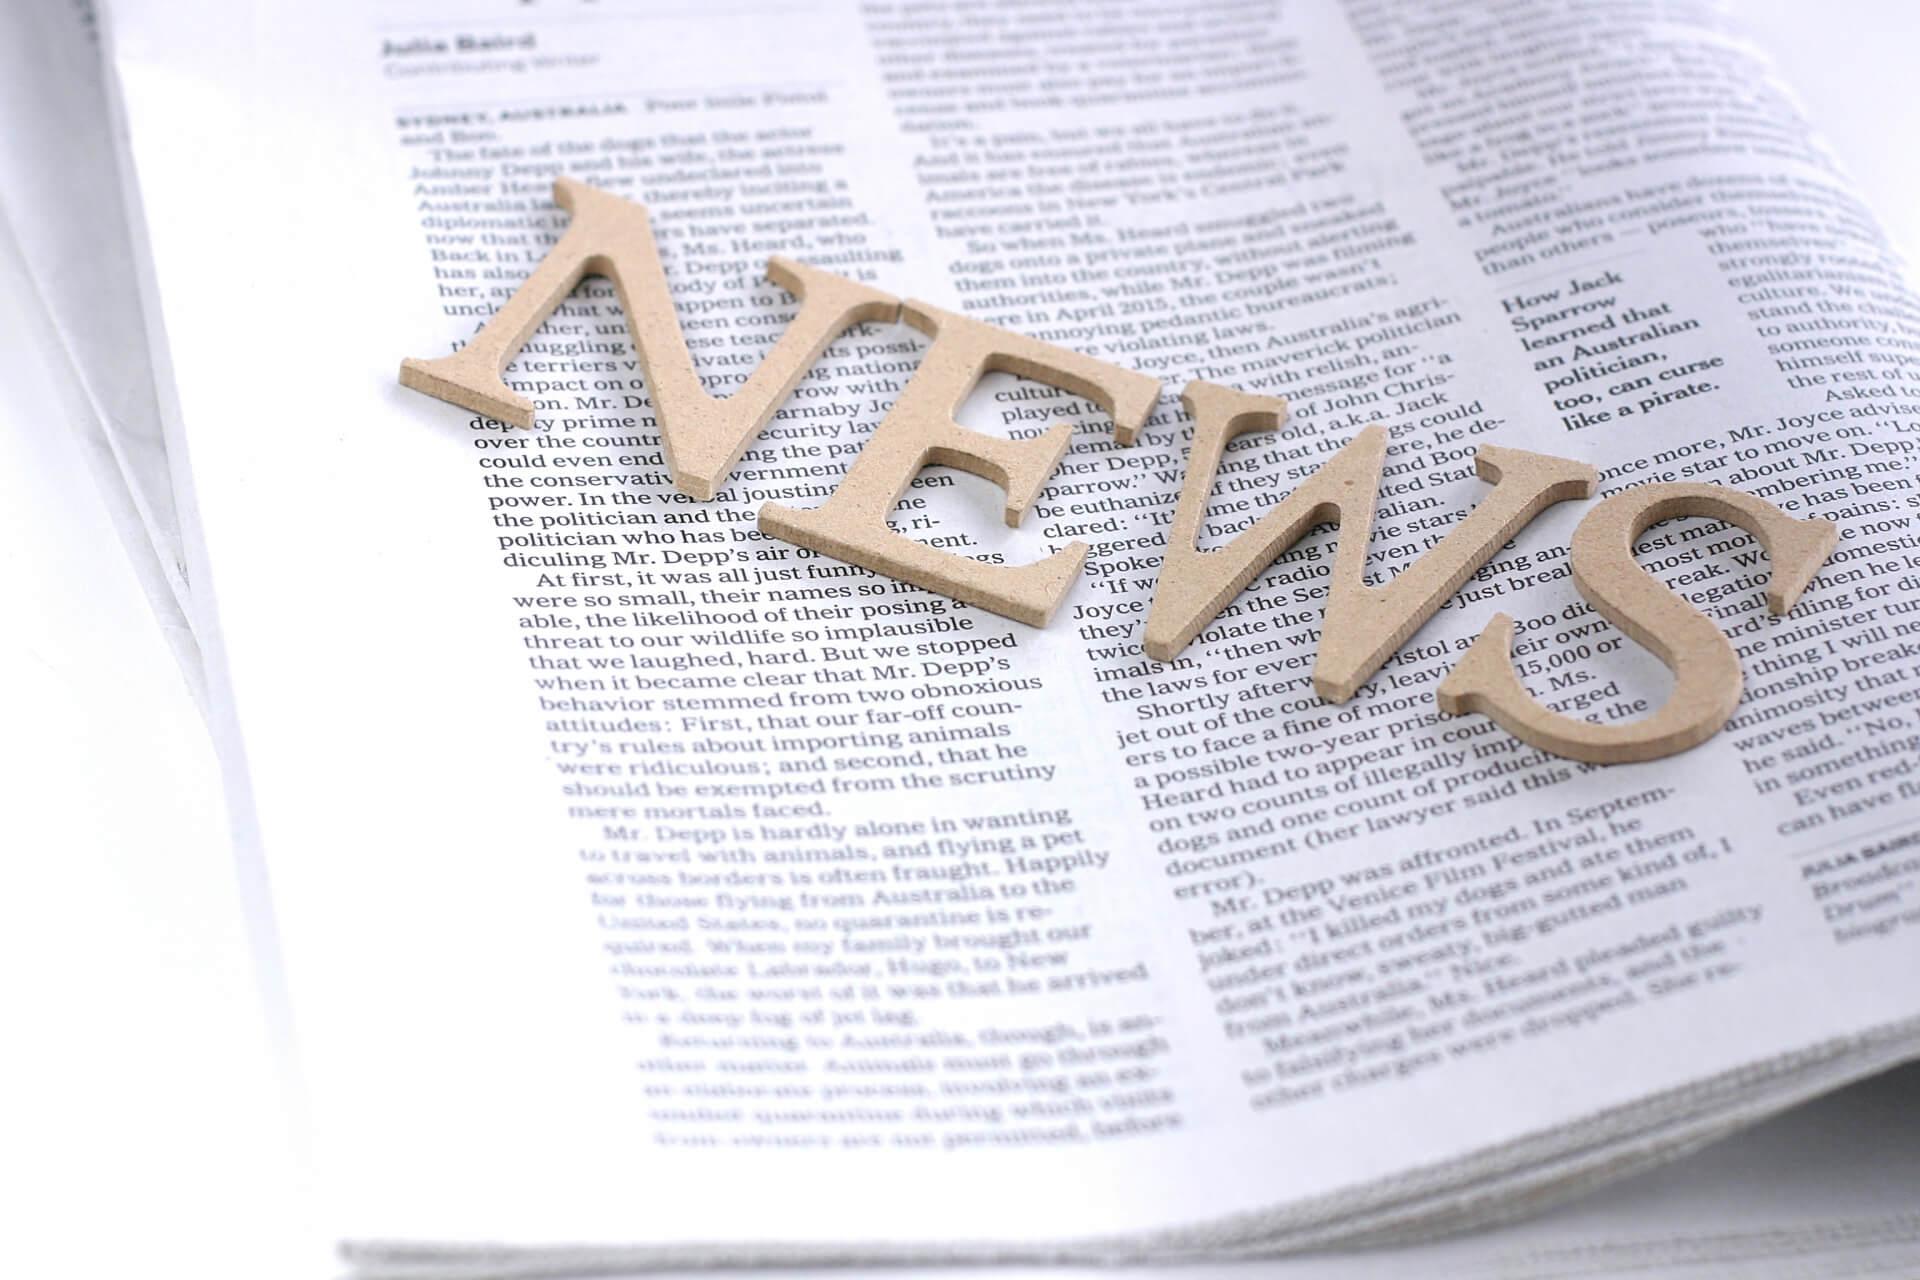 第一次情報の多くは「新聞」にあり